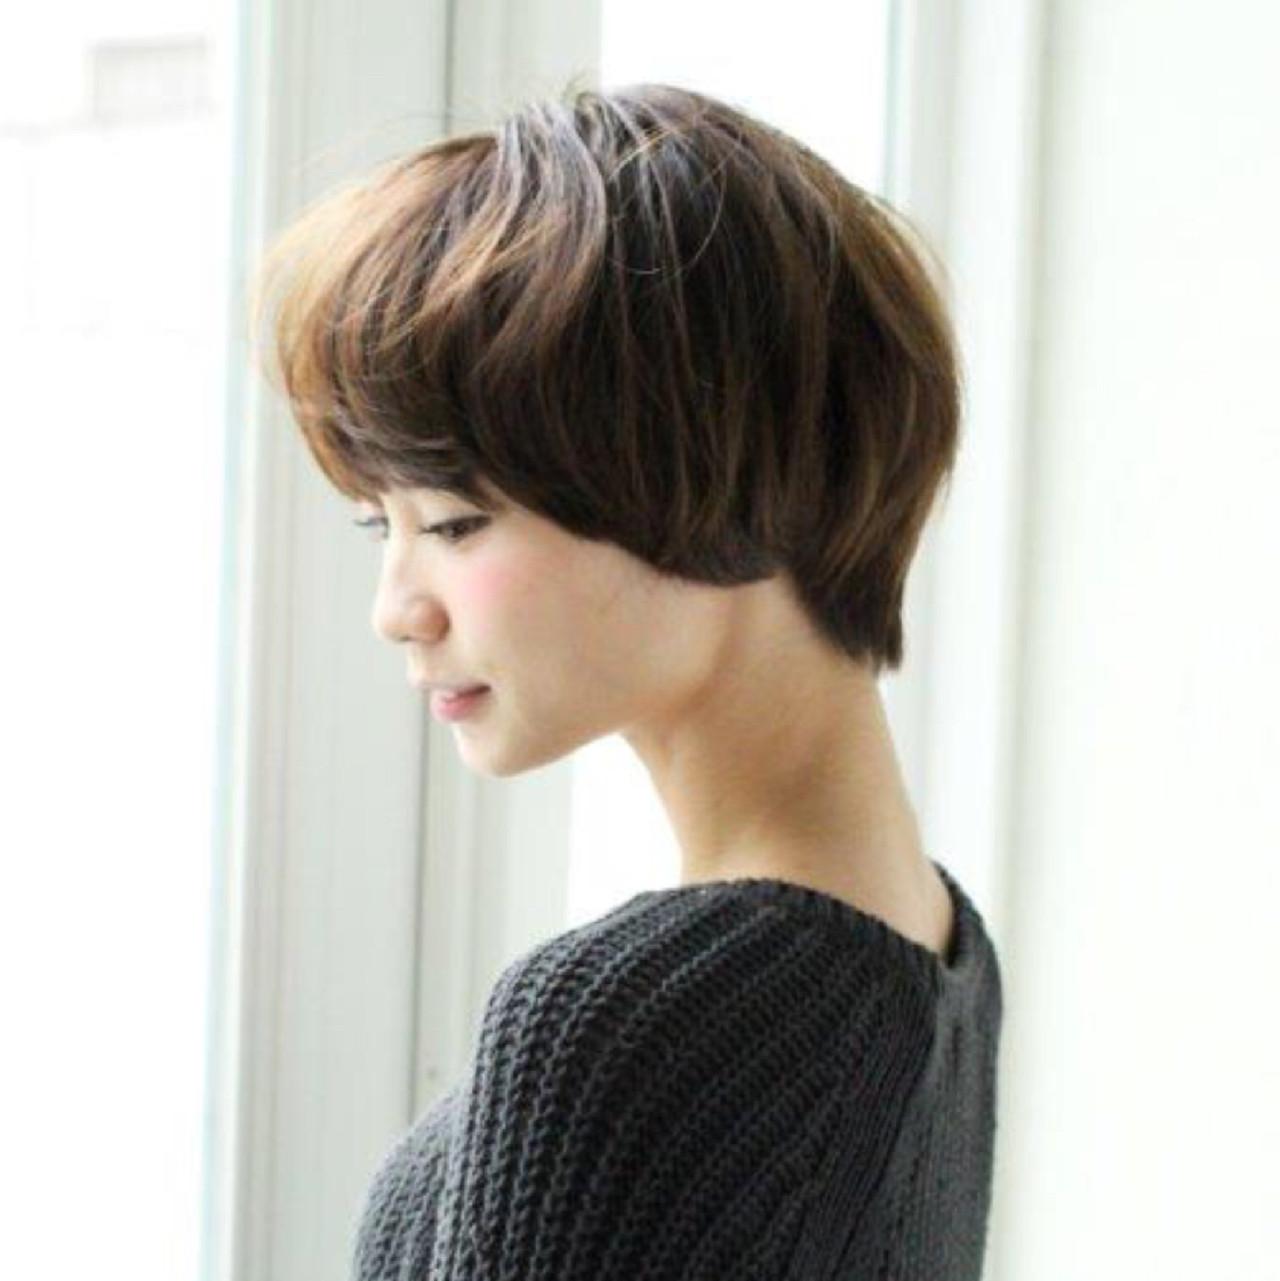 ボブ ショートボブ 大人かわいい ショート ヘアスタイルや髪型の写真・画像 | 切りっぱなしボブを流行らせた人 Un ami増永 / Un ami omotesando